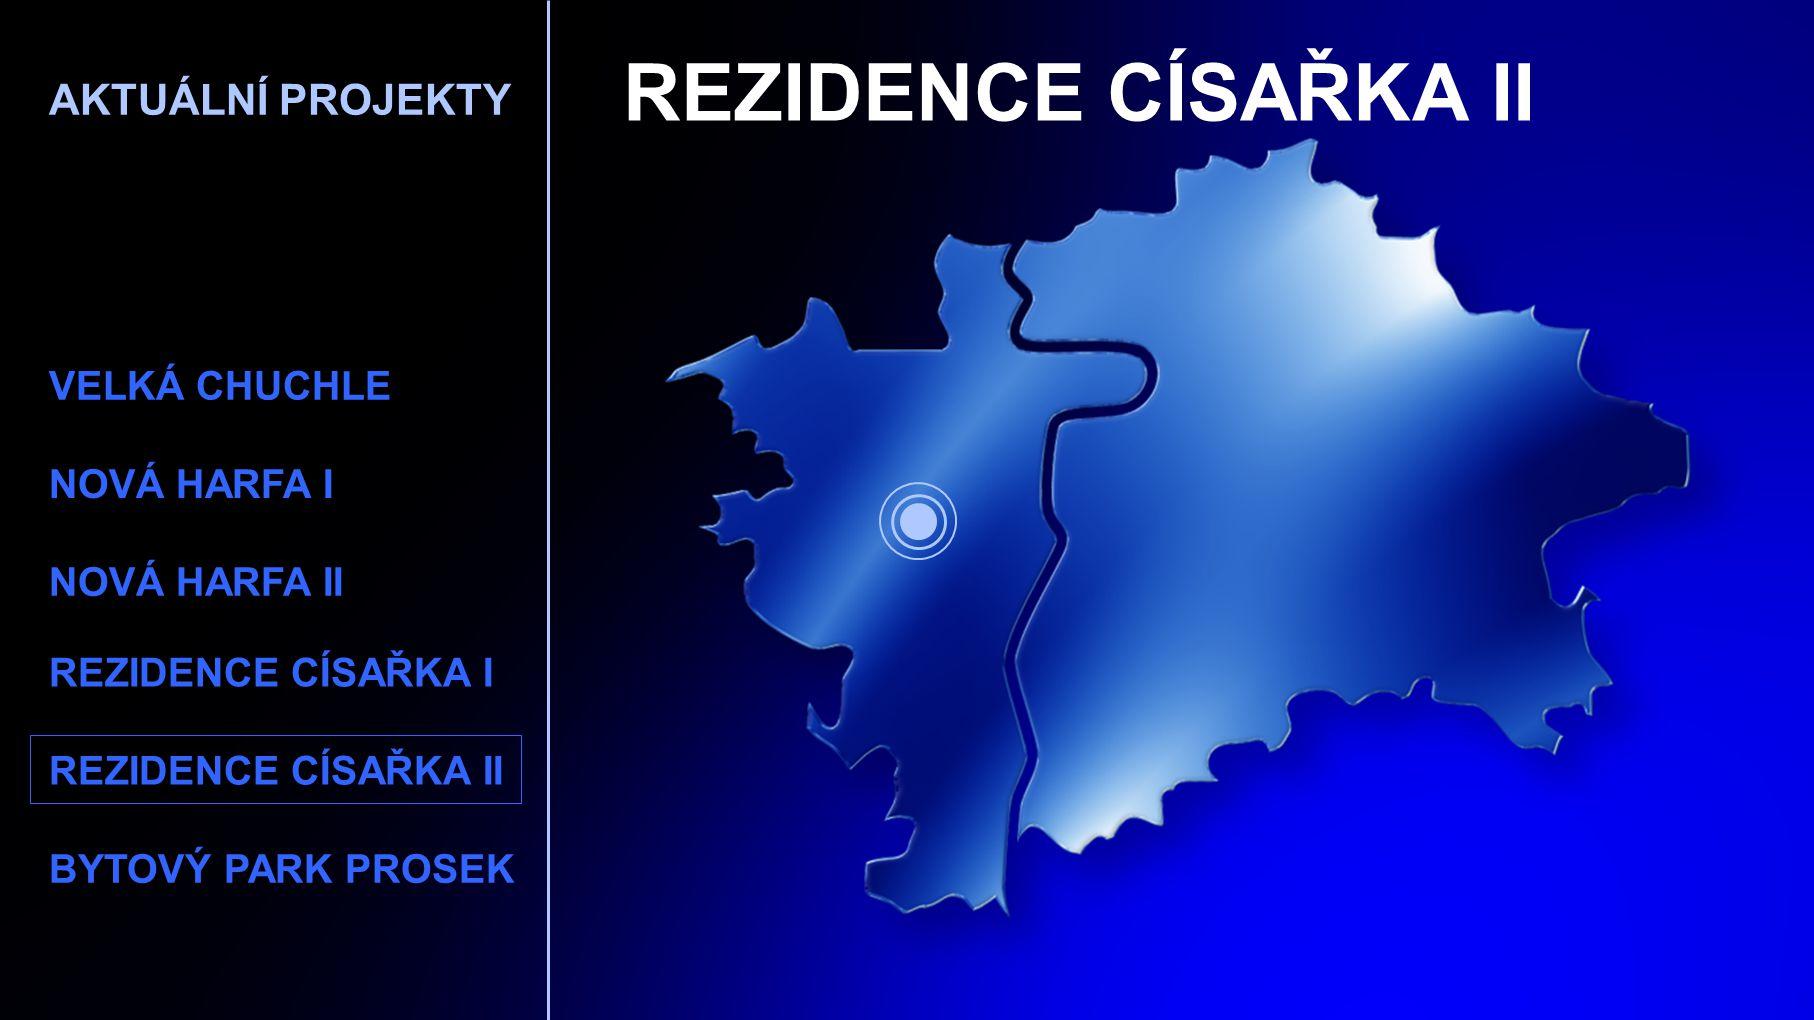 REZIDENCE CÍSAŘKA II AKTUÁLNÍ PROJEKTY VELKÁ CHUCHLE NOVÁ HARFA I